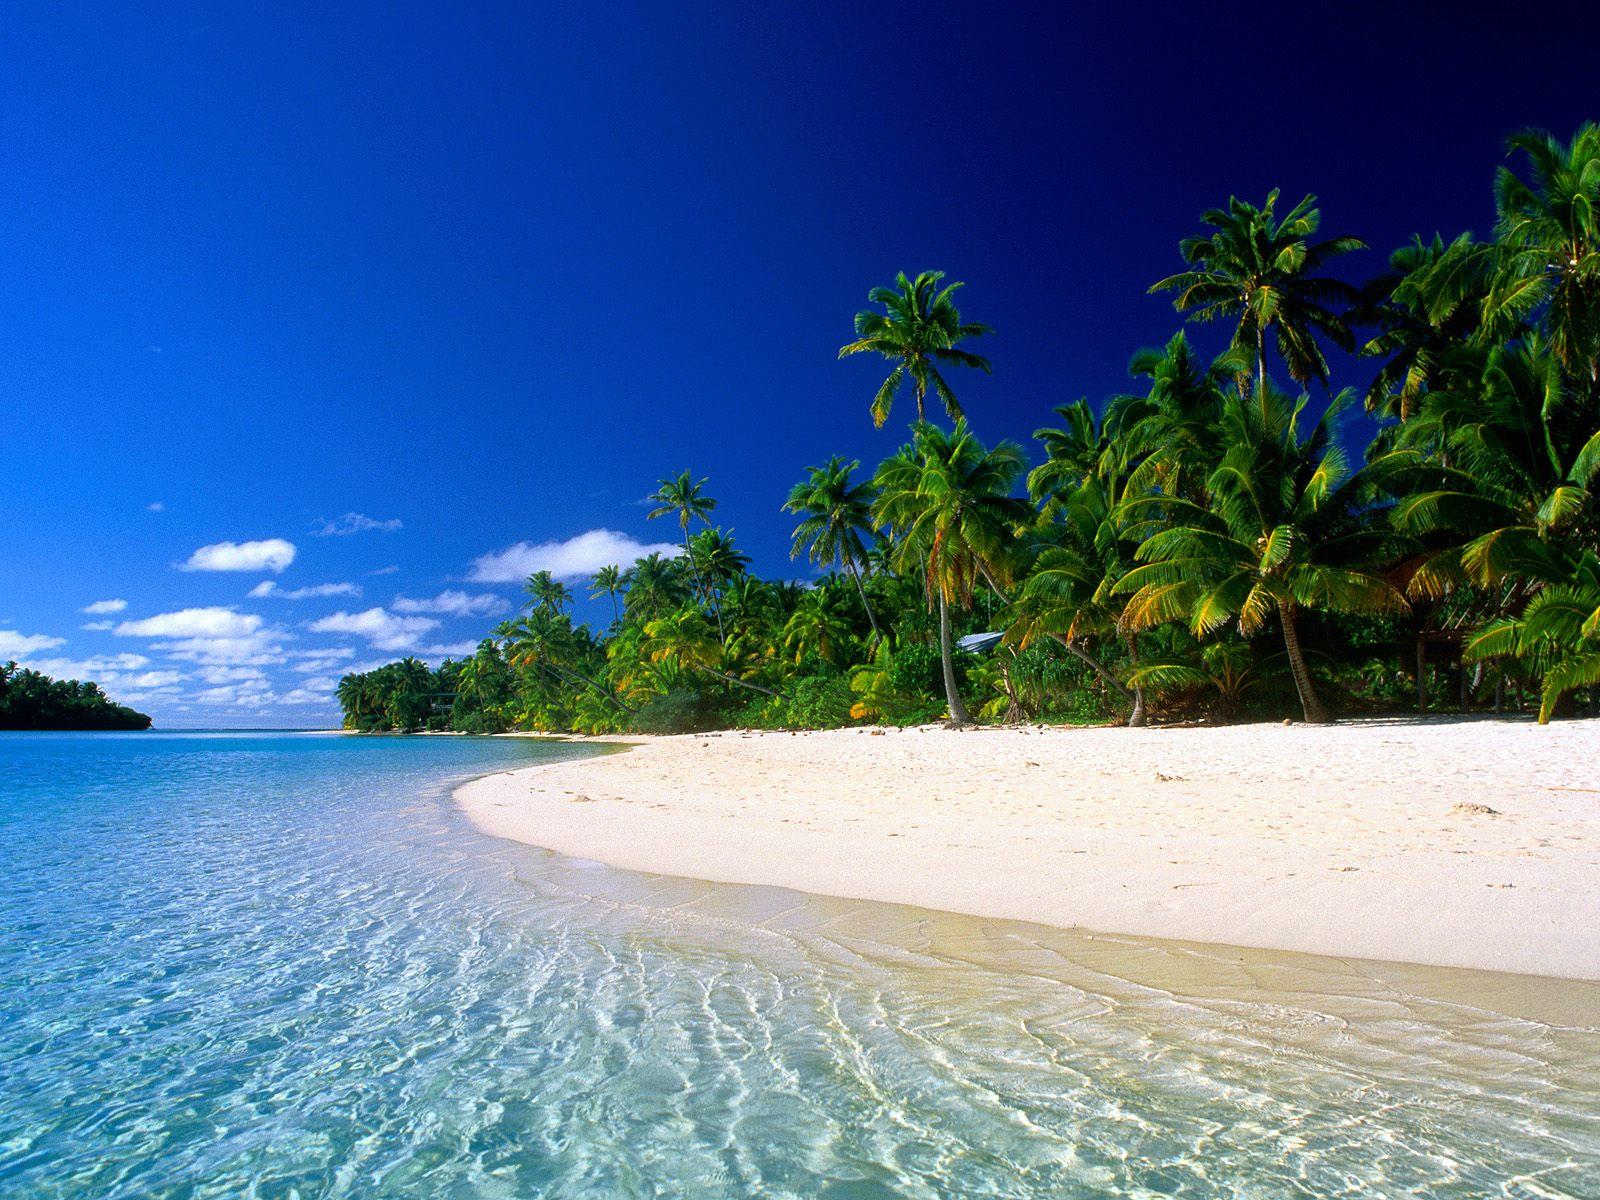 Wallpaper Of Beach A Quiet Beach In Cook Islands Wallpaper 1600x1200